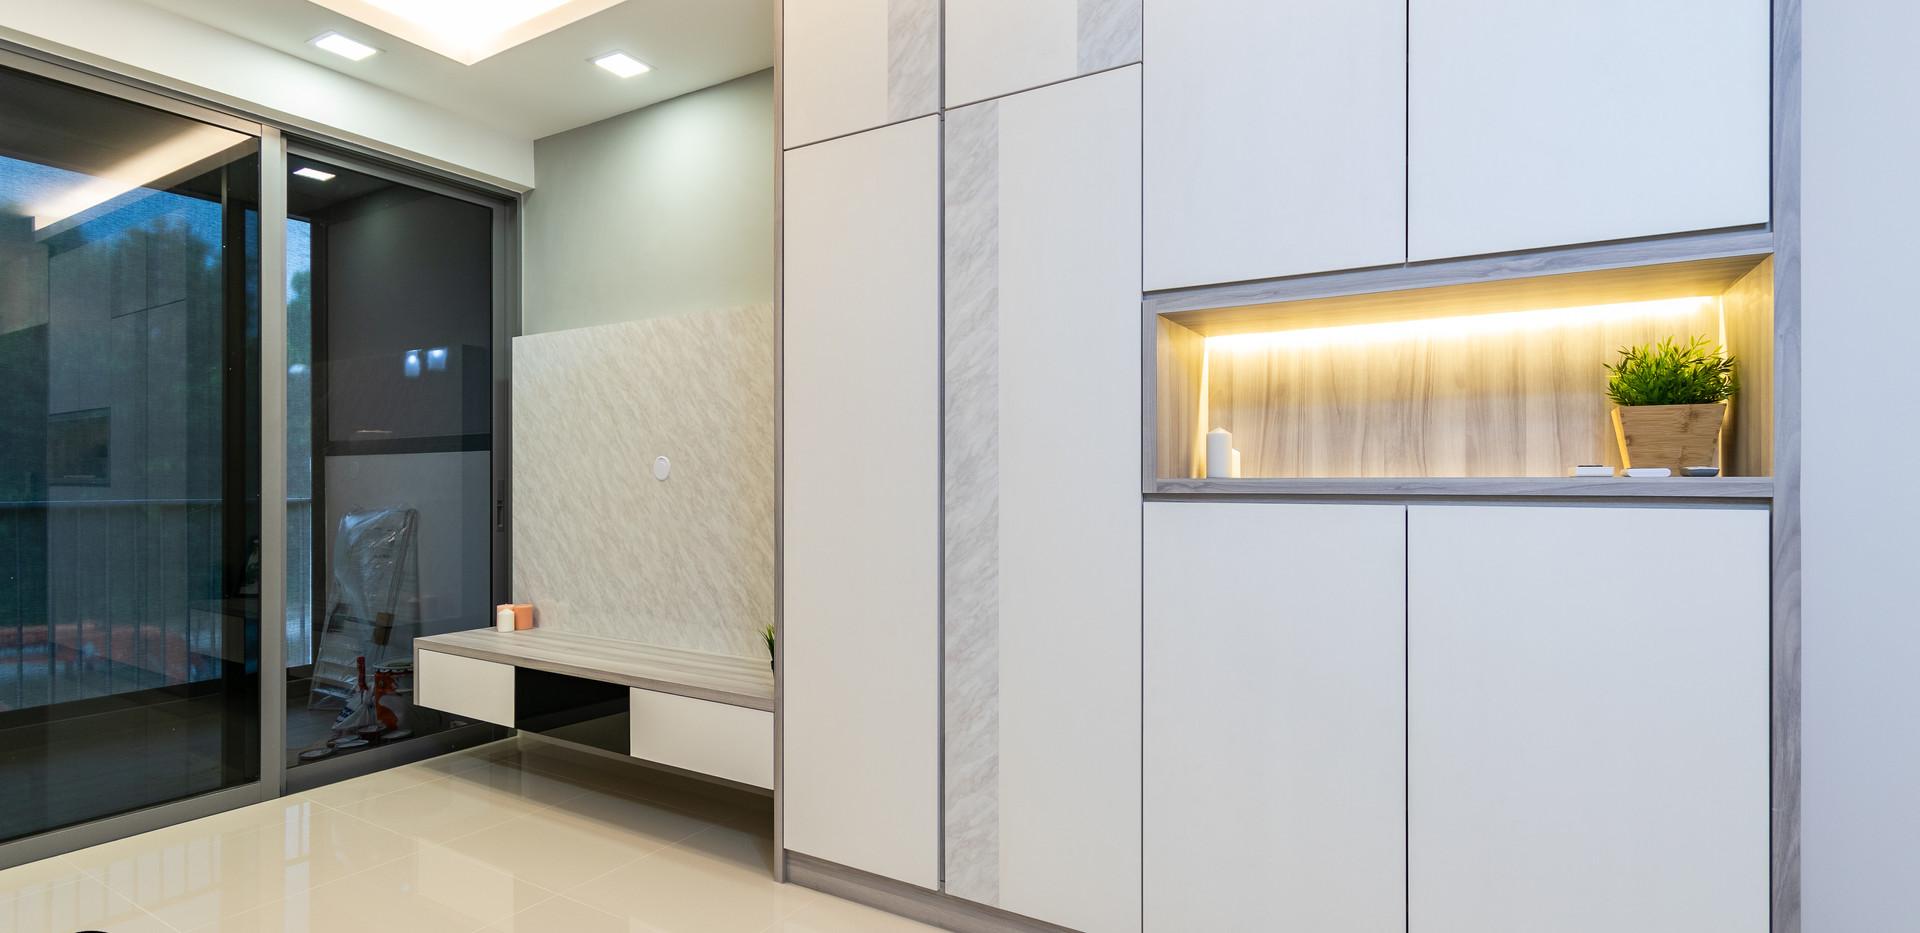 Visionaire Condominium